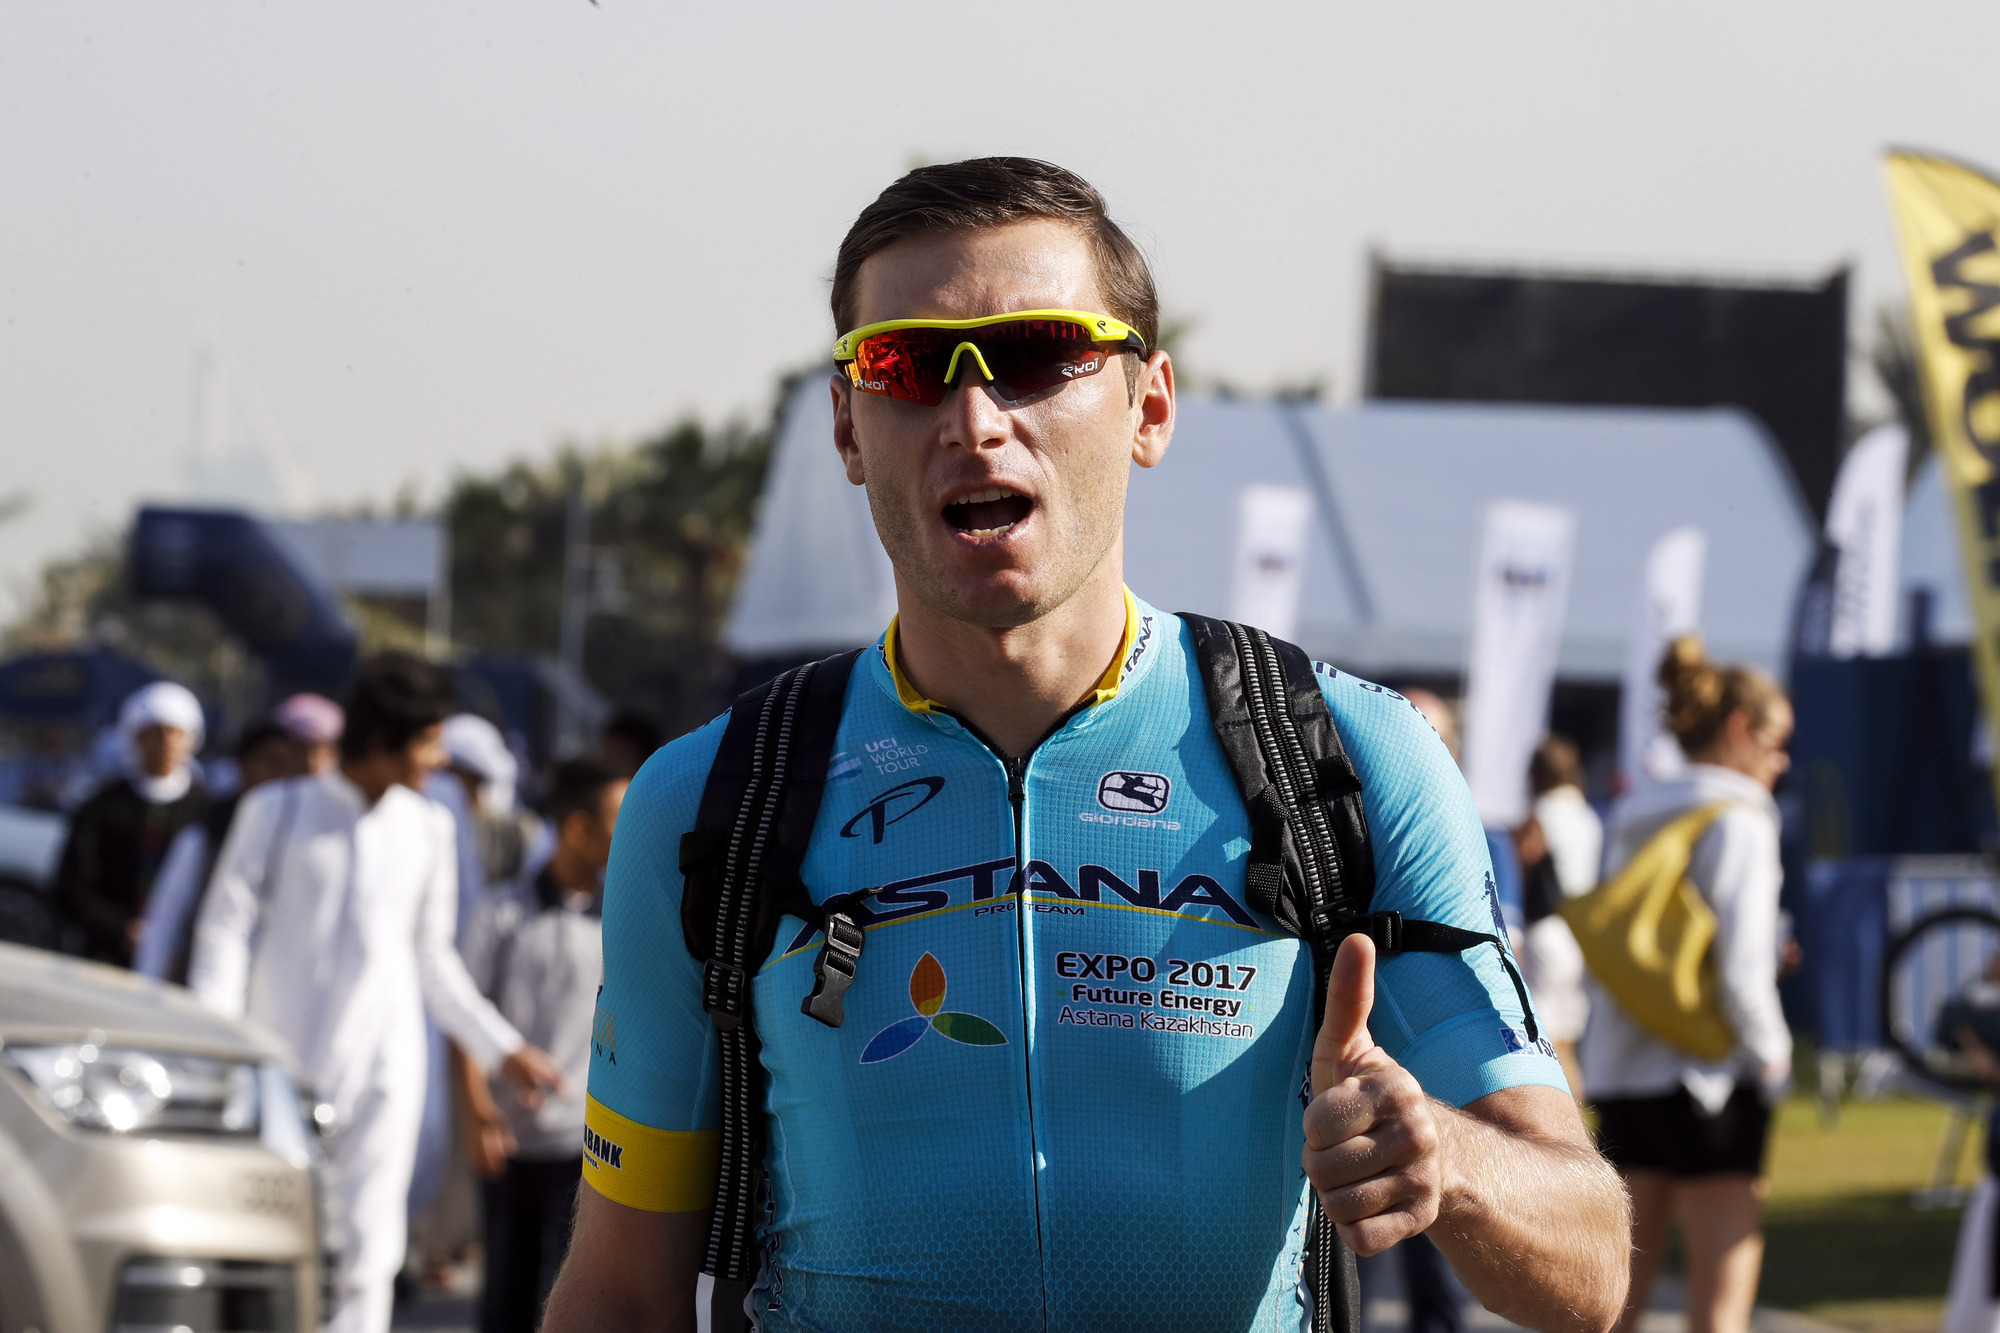 La UCI sanciona durante 45 días a Grivko por su puñetazo a Kittel